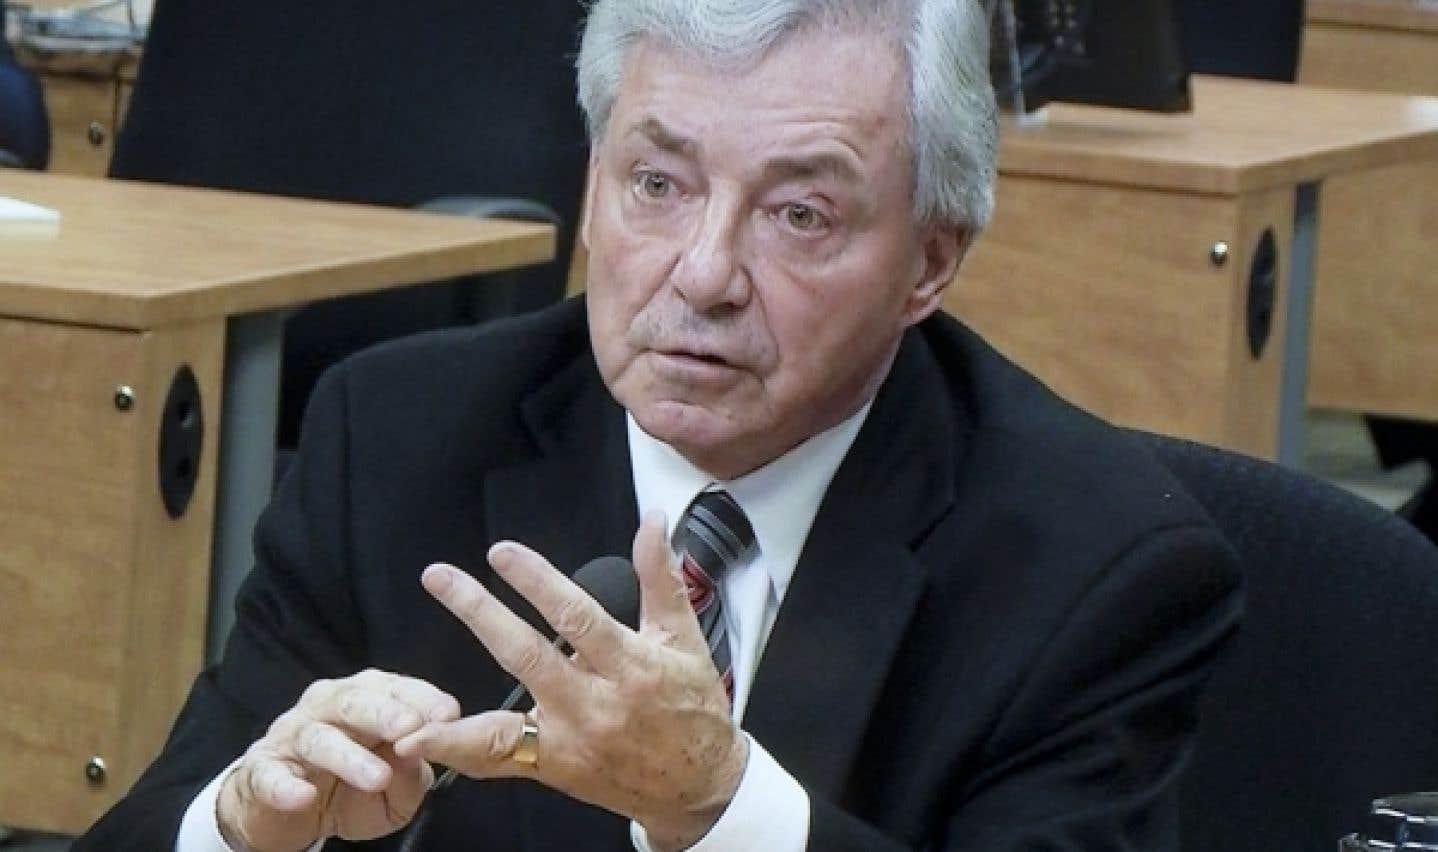 Gilles Vézina, cadre intermédiaire au service des travaux publics de la Ville de Montréal, a admis devant la Commission Charbonneau avoir reçu divers cadeaux.